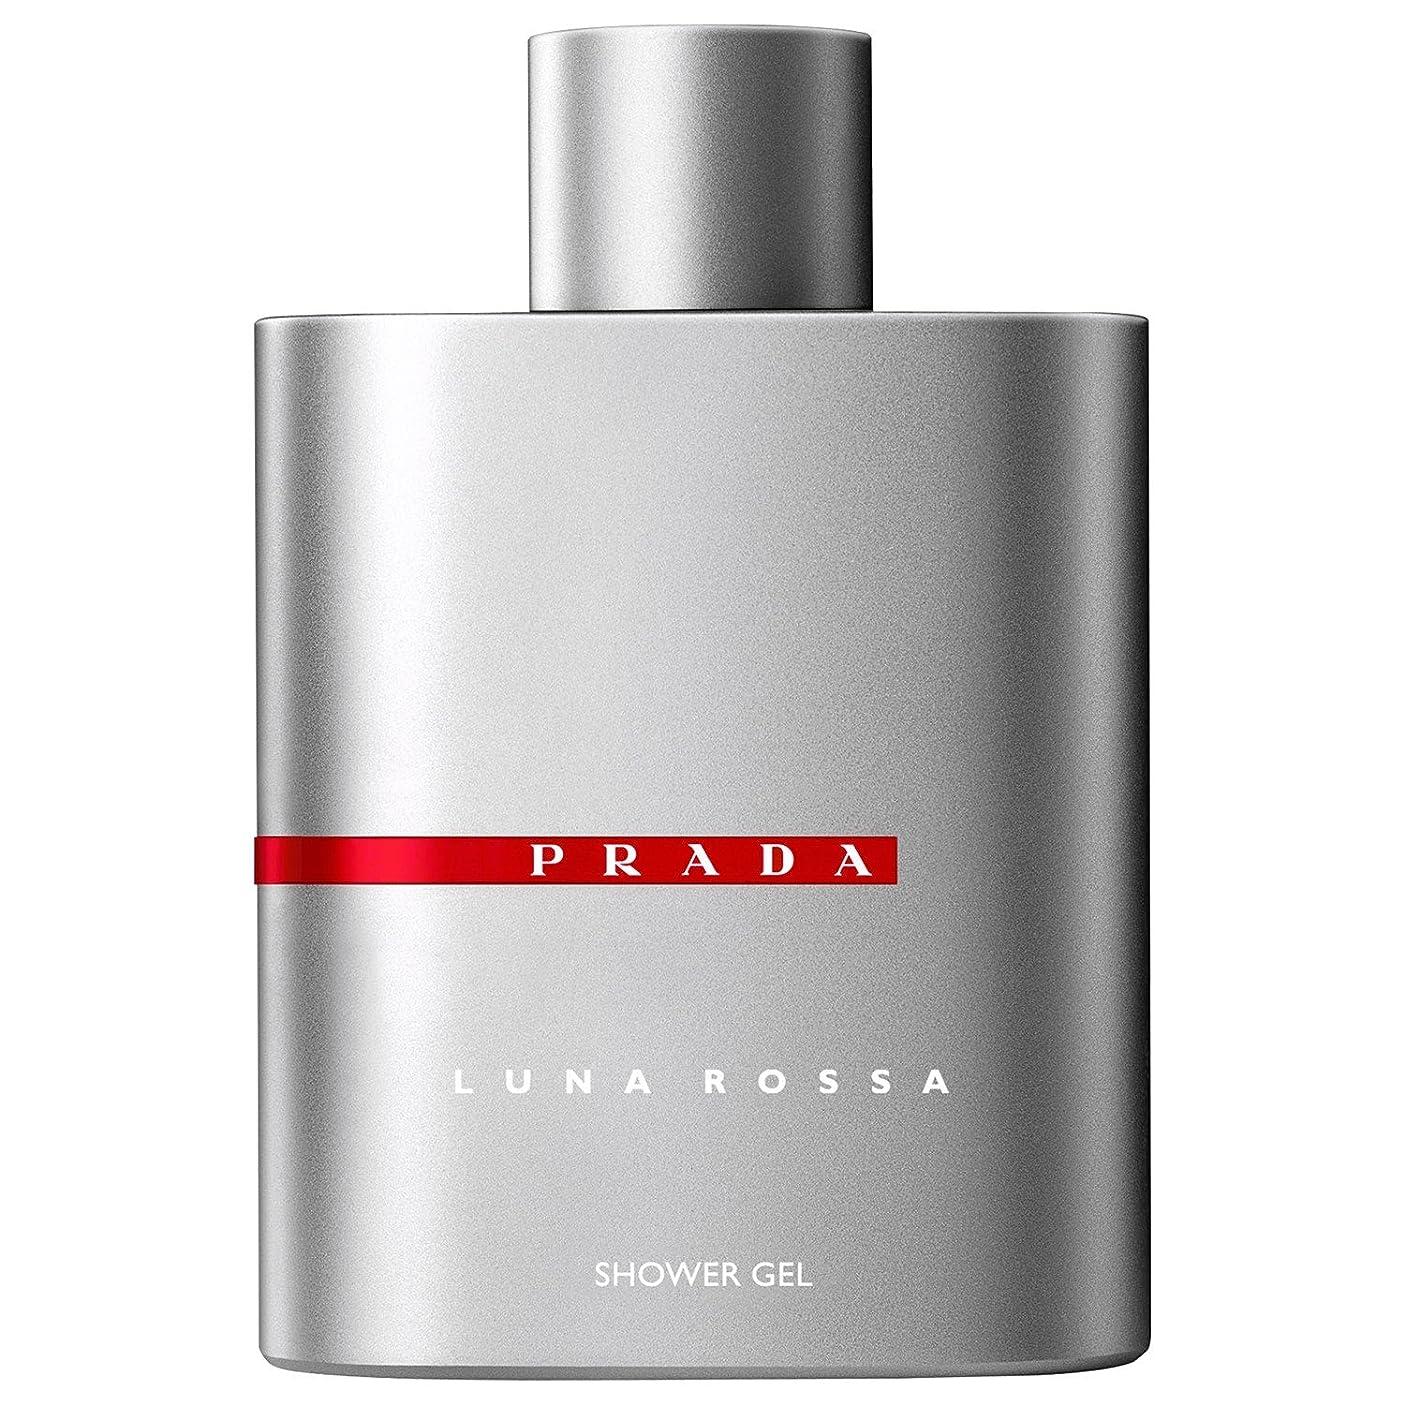 放射性脇に姿を消すプラダルナロッサシャワージェル150ミリリットル (Prada) (x6) - Prada Luna Rossa Shower Gel 150ml (Pack of 6) [並行輸入品]